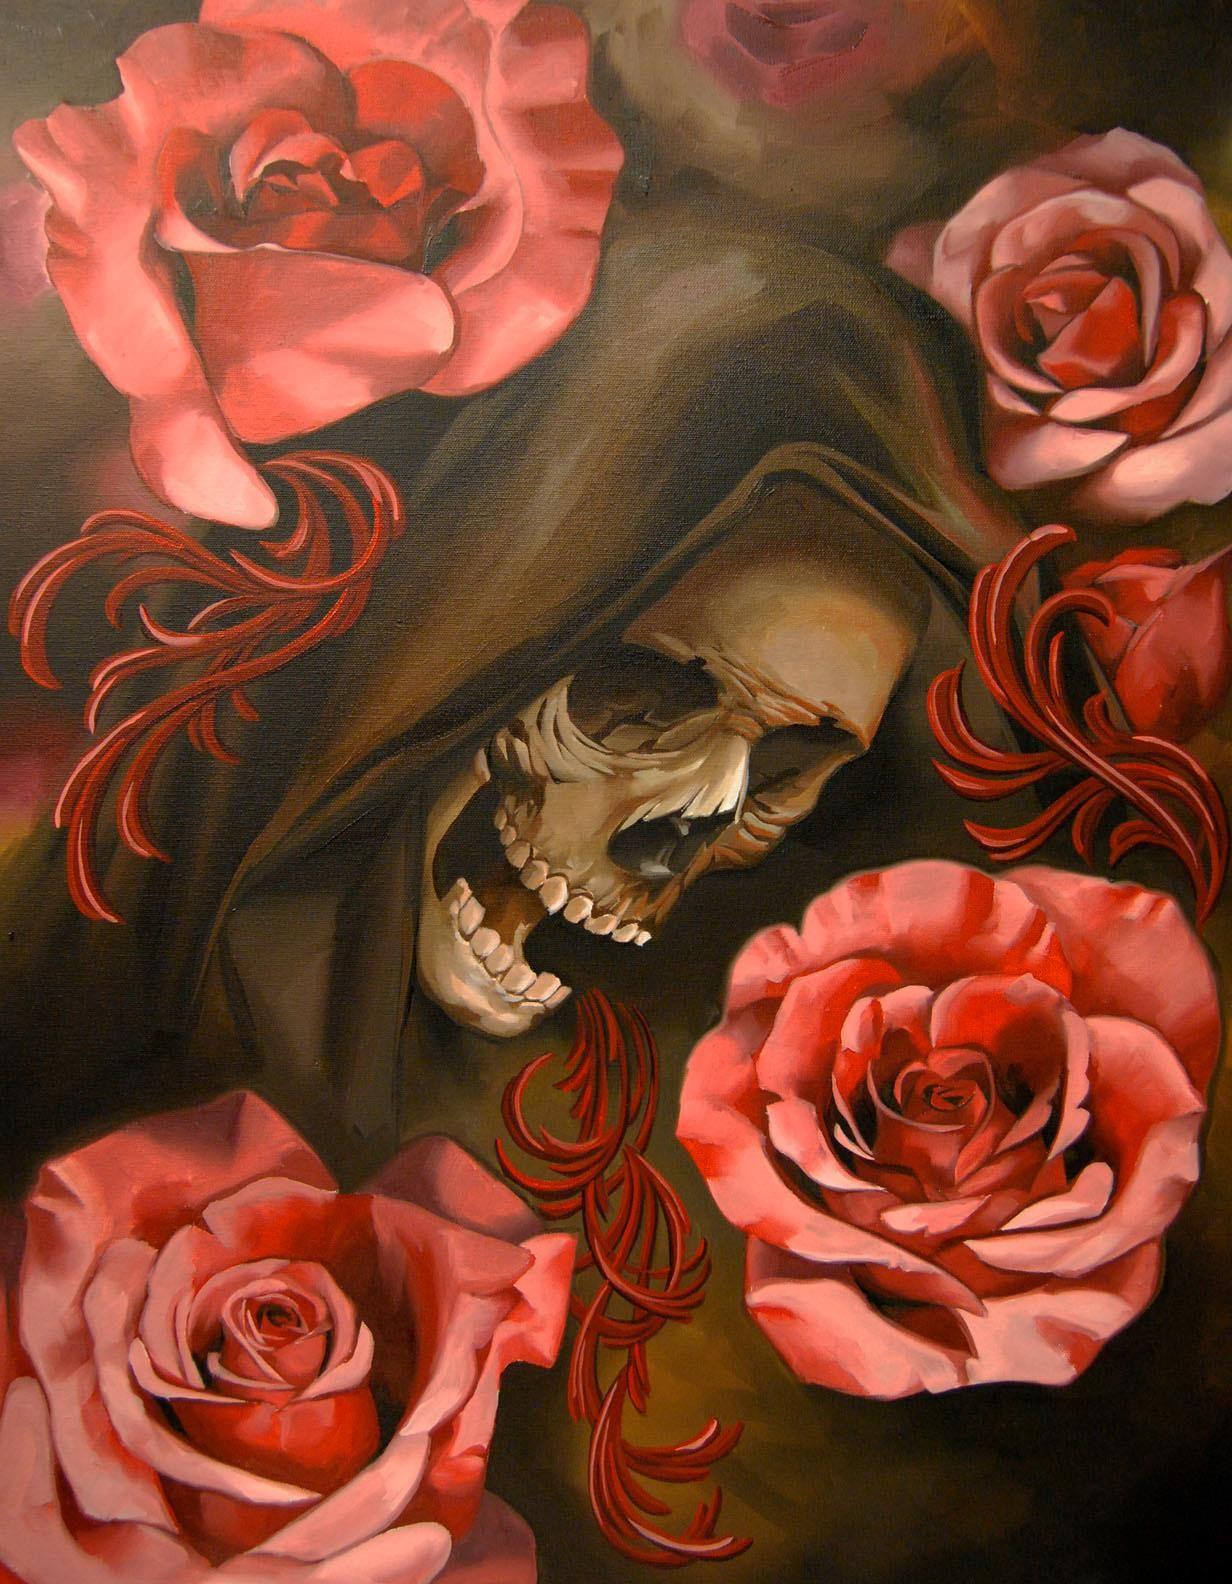 Картинки в стиле смерти